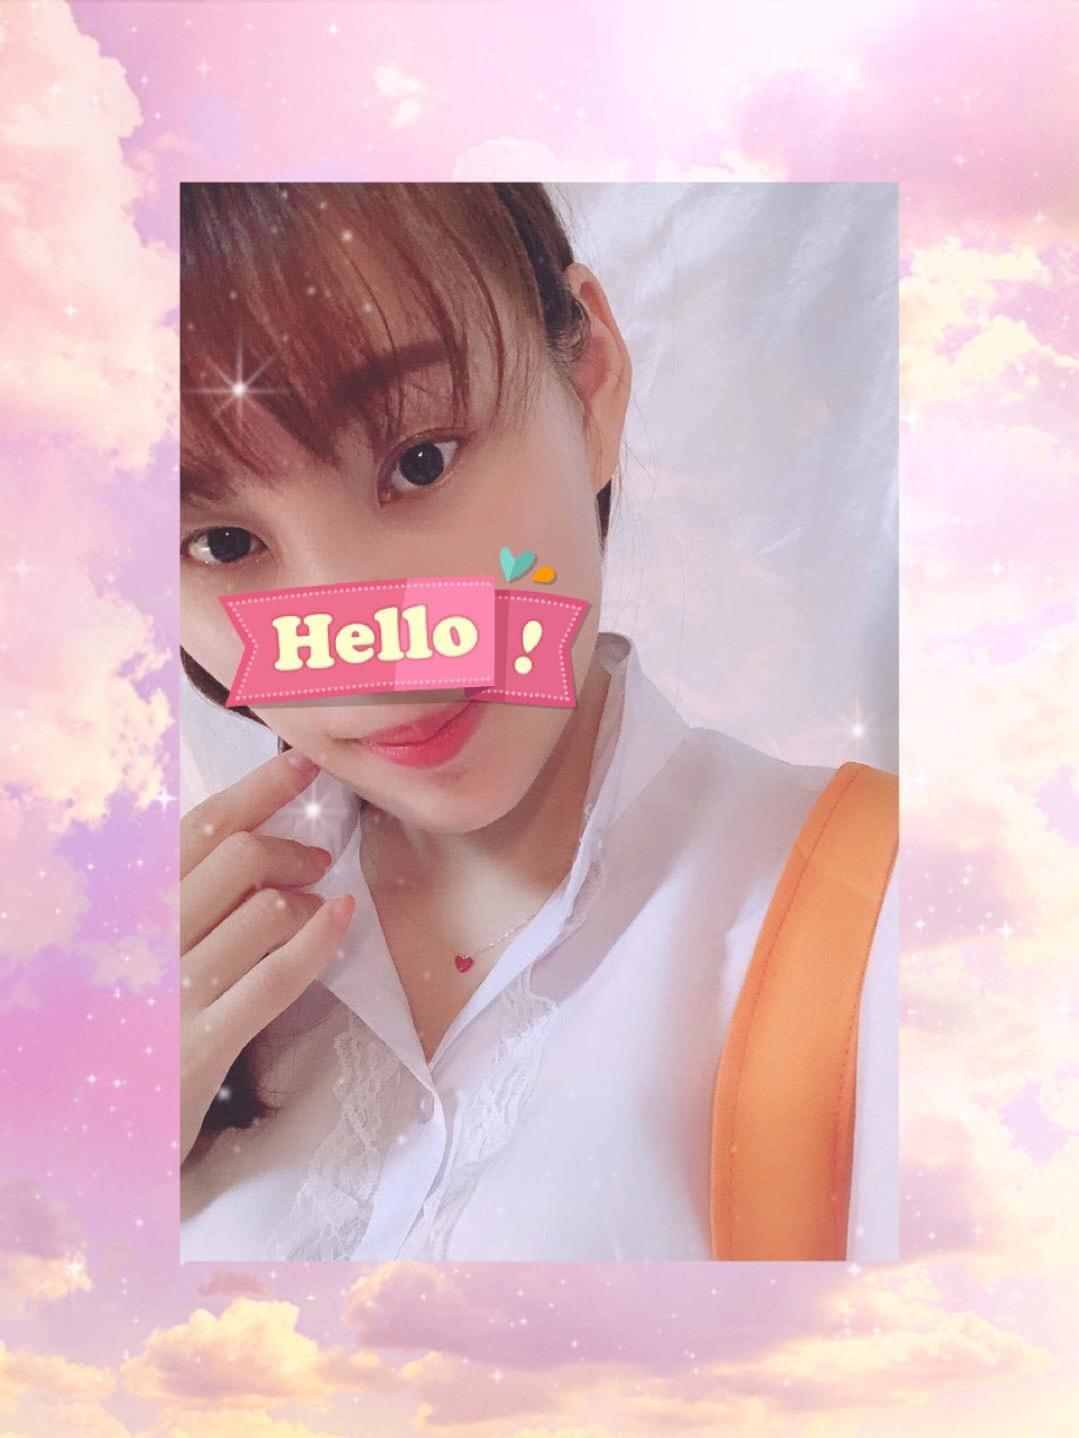 「ハロー(^ω^)」05/18日(土) 12:13 | ゆずの写メ・風俗動画